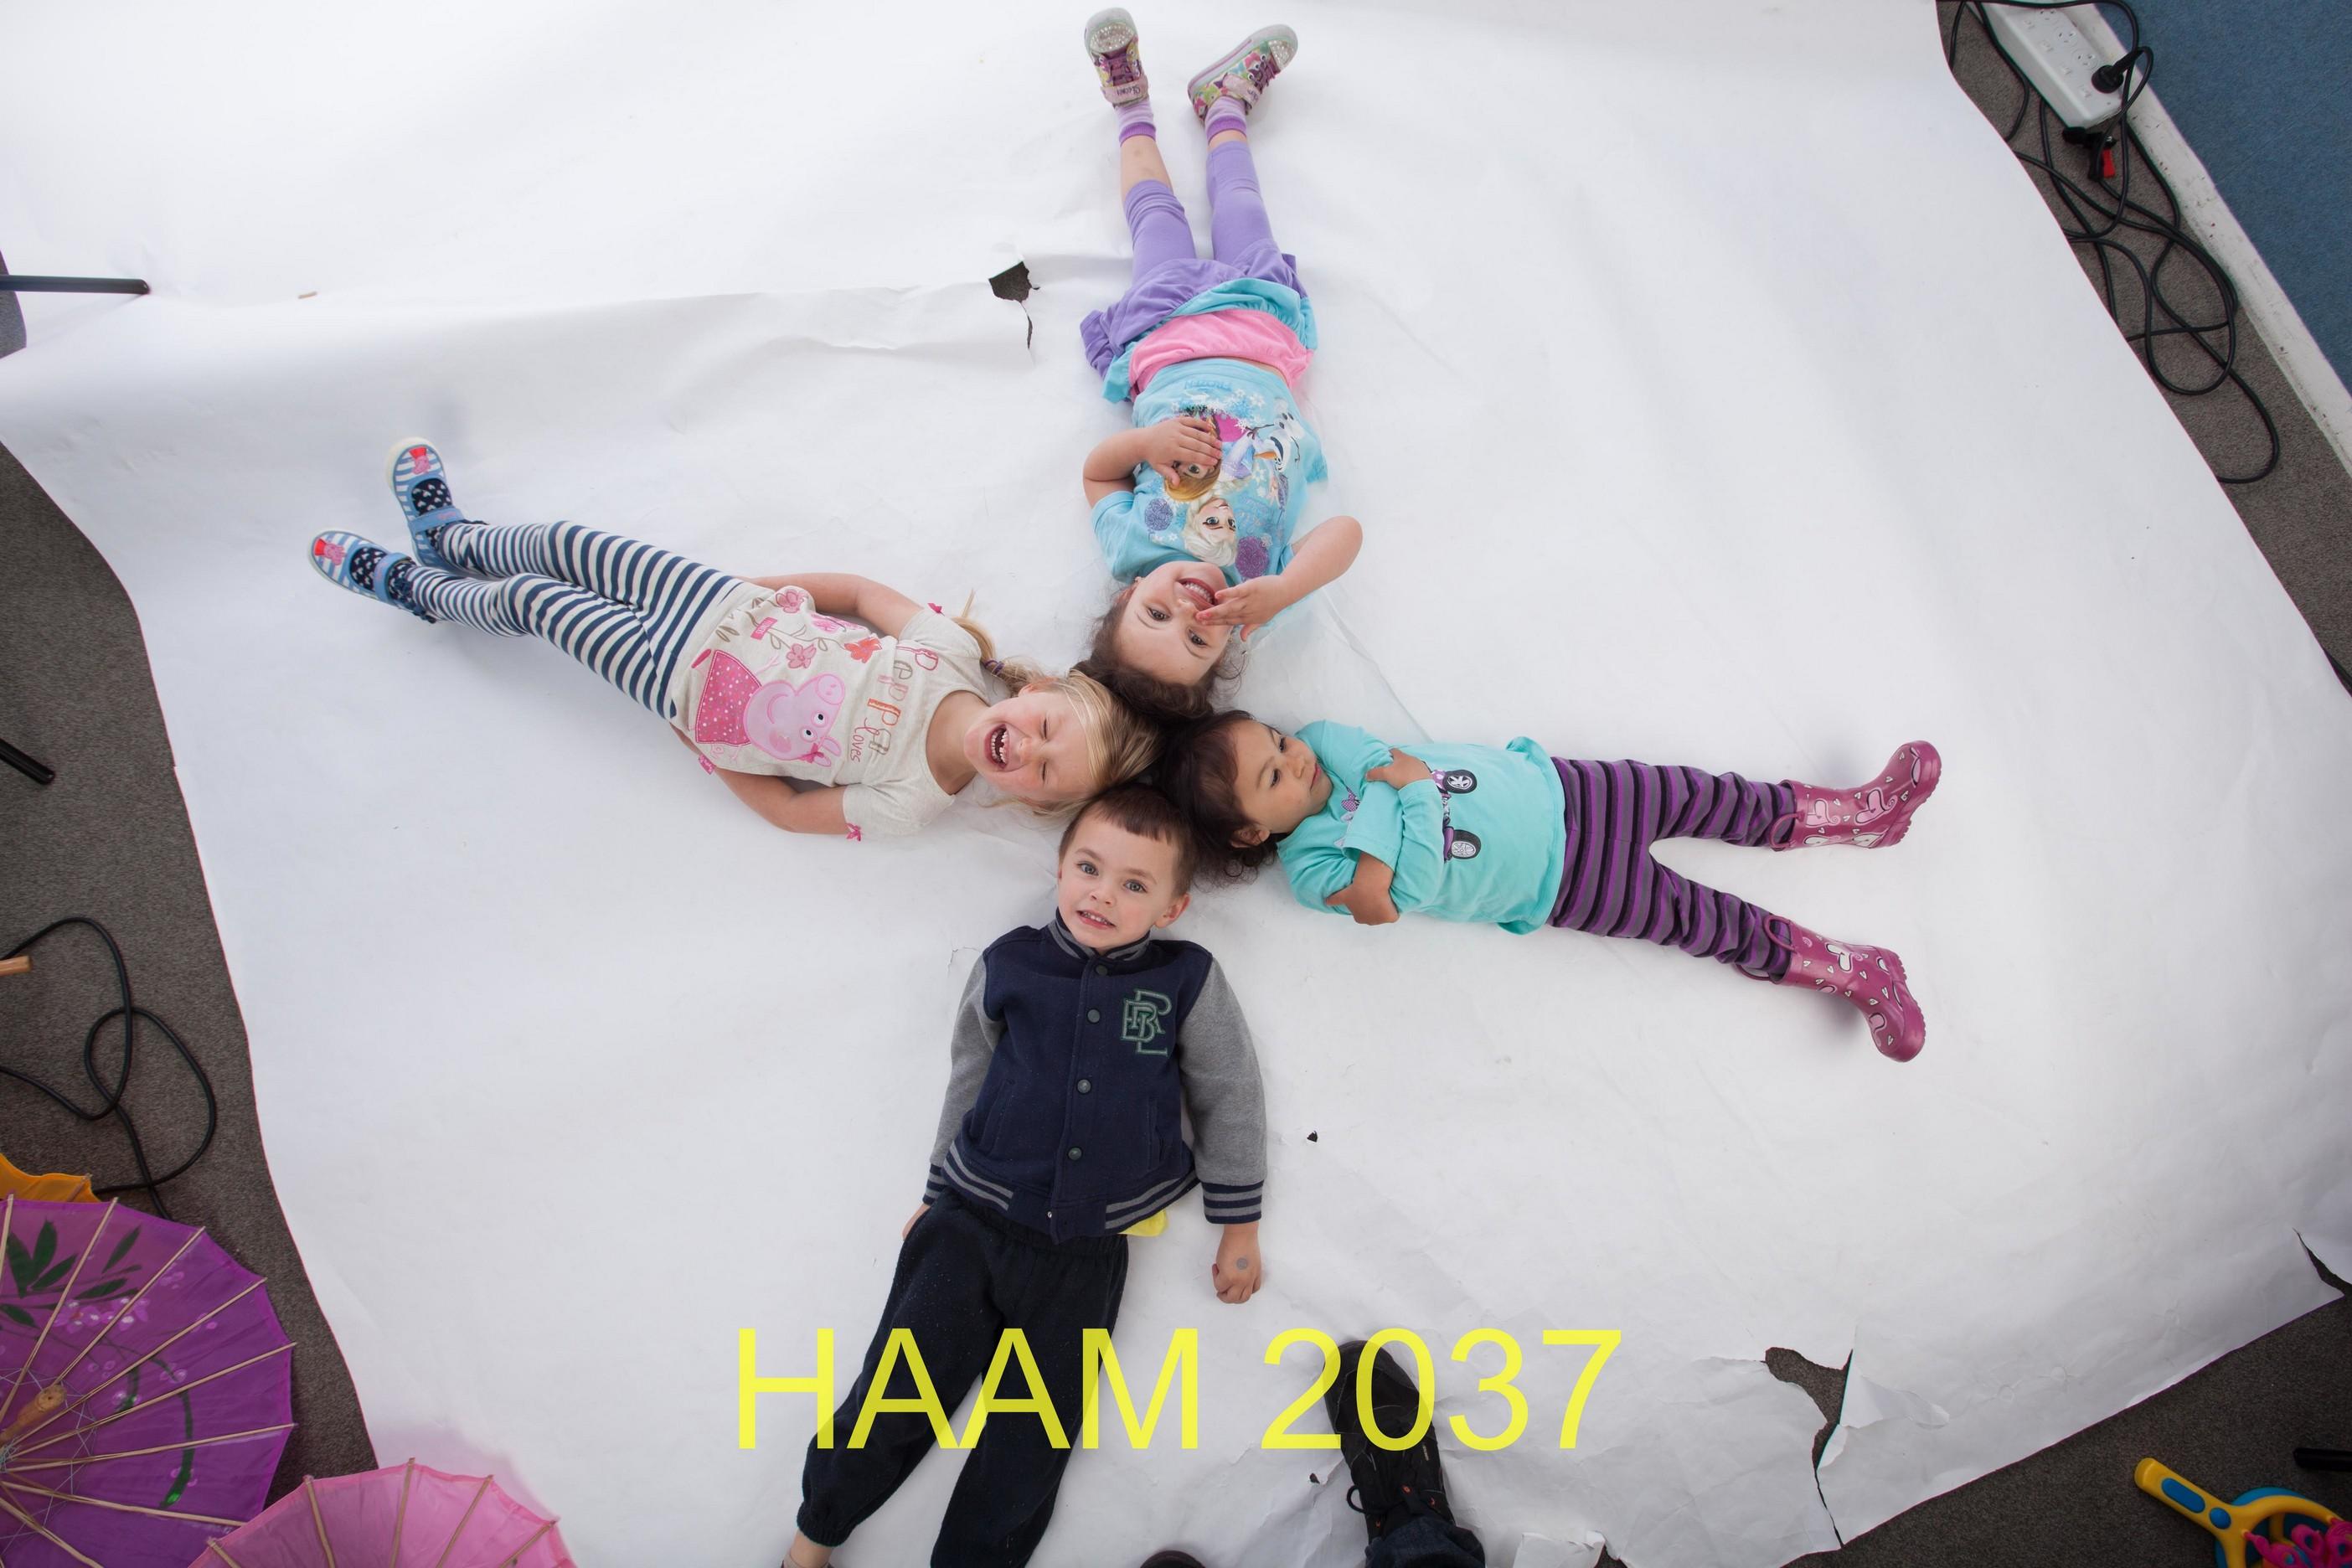 HAAM 2037